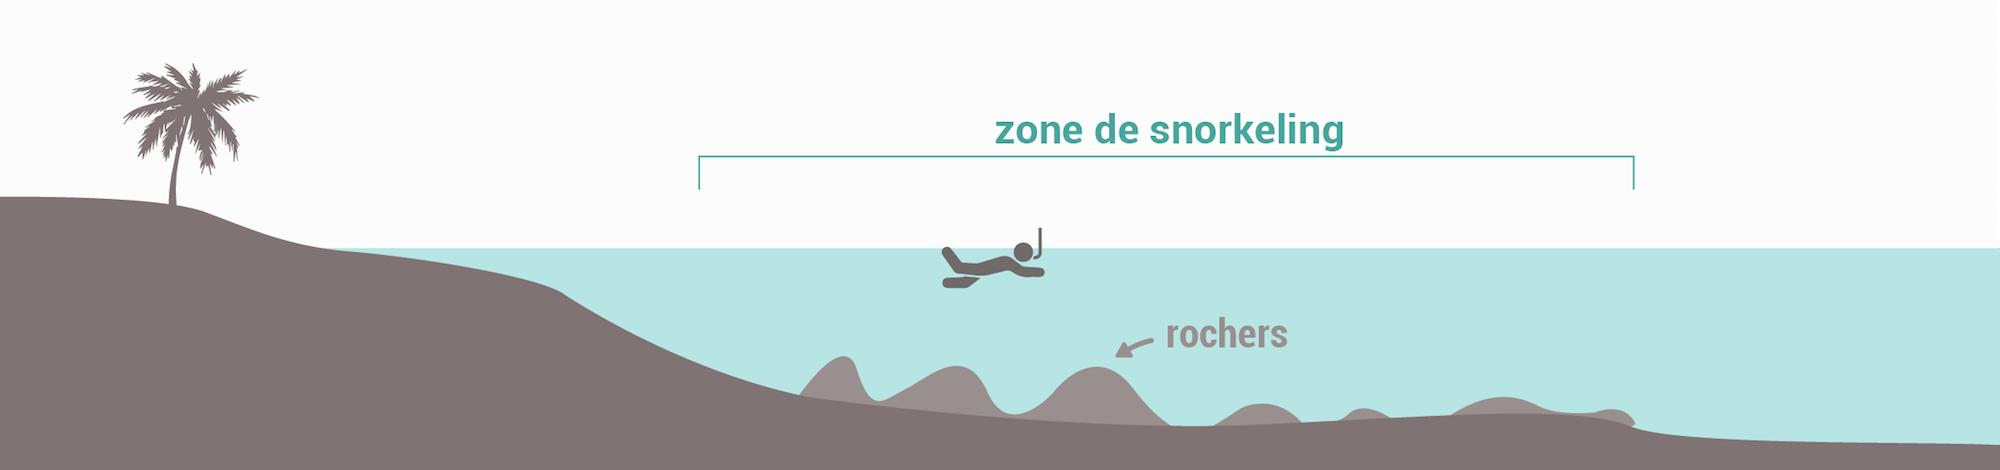 Les types de spots de snorkeling - Fonds rocheux